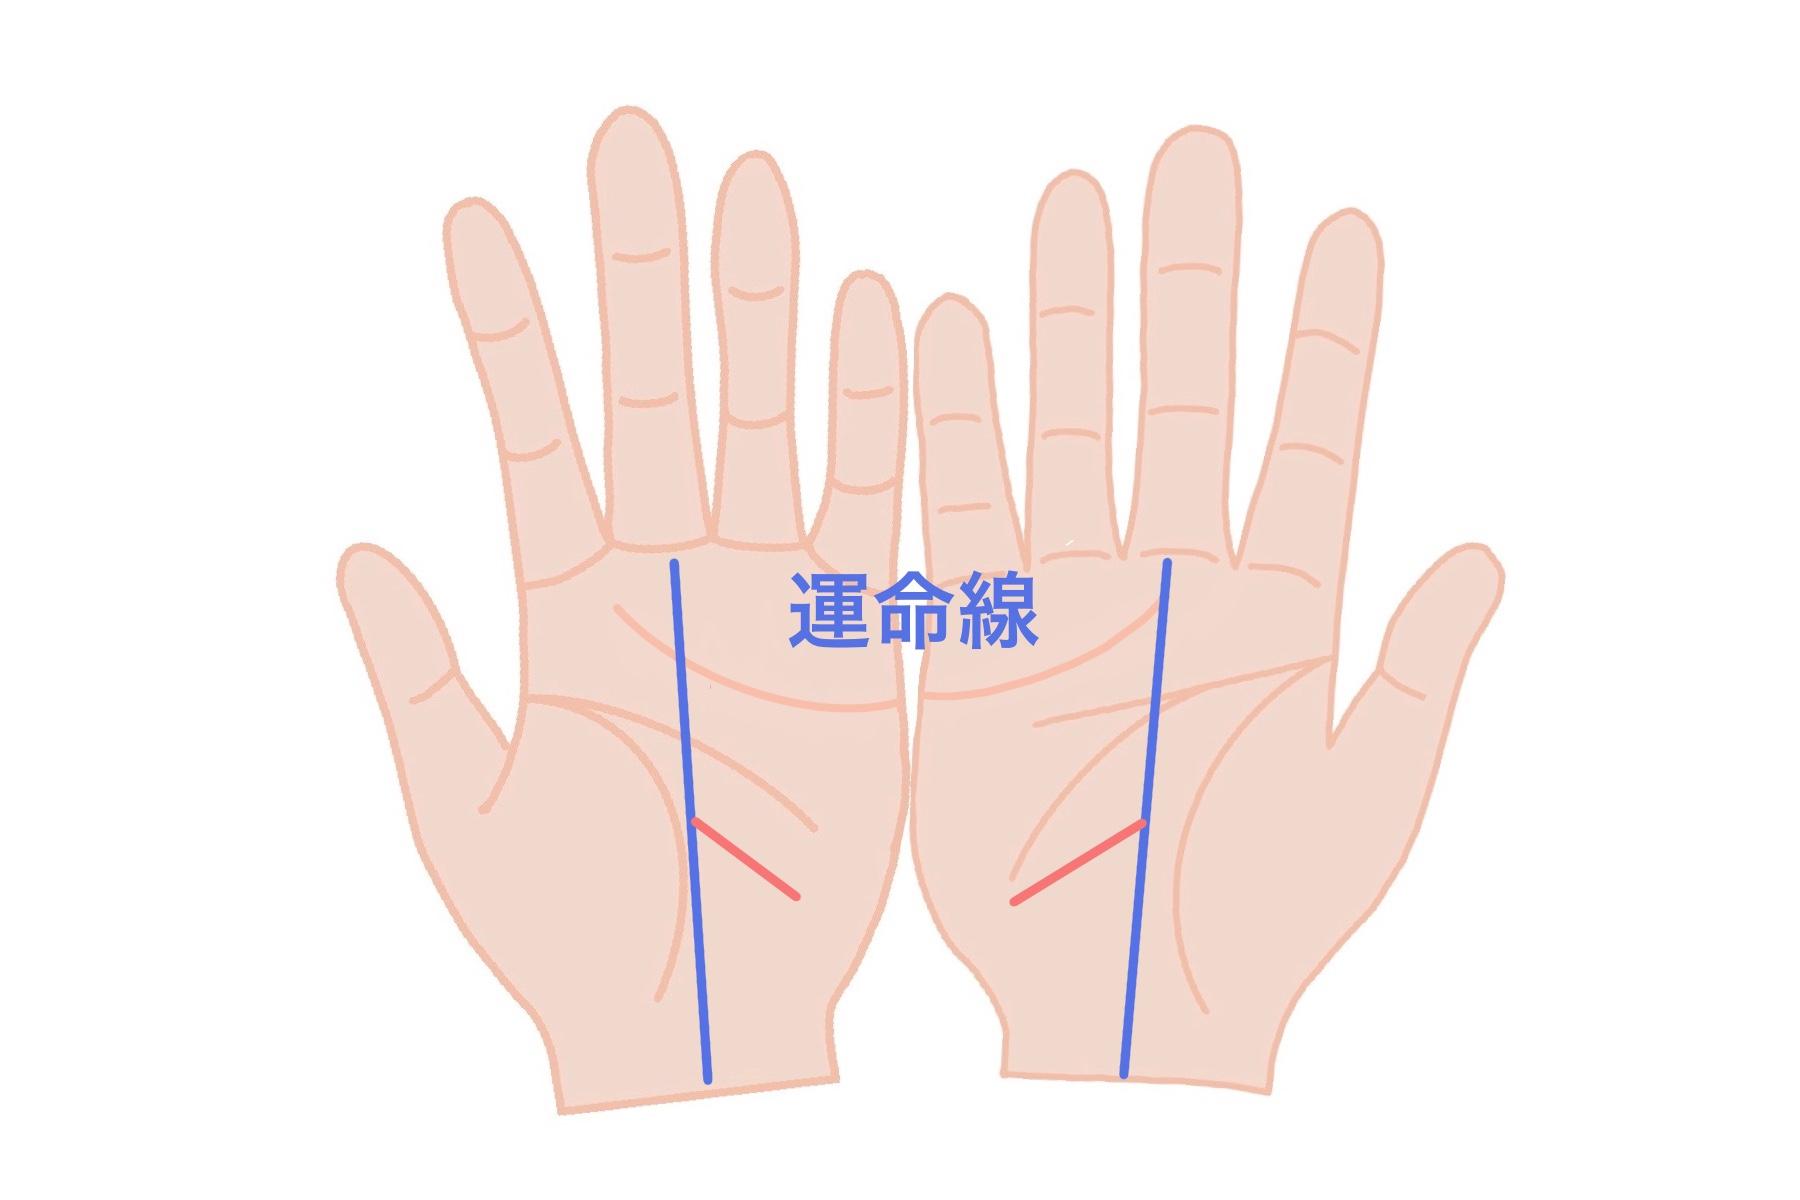 影響線:両手